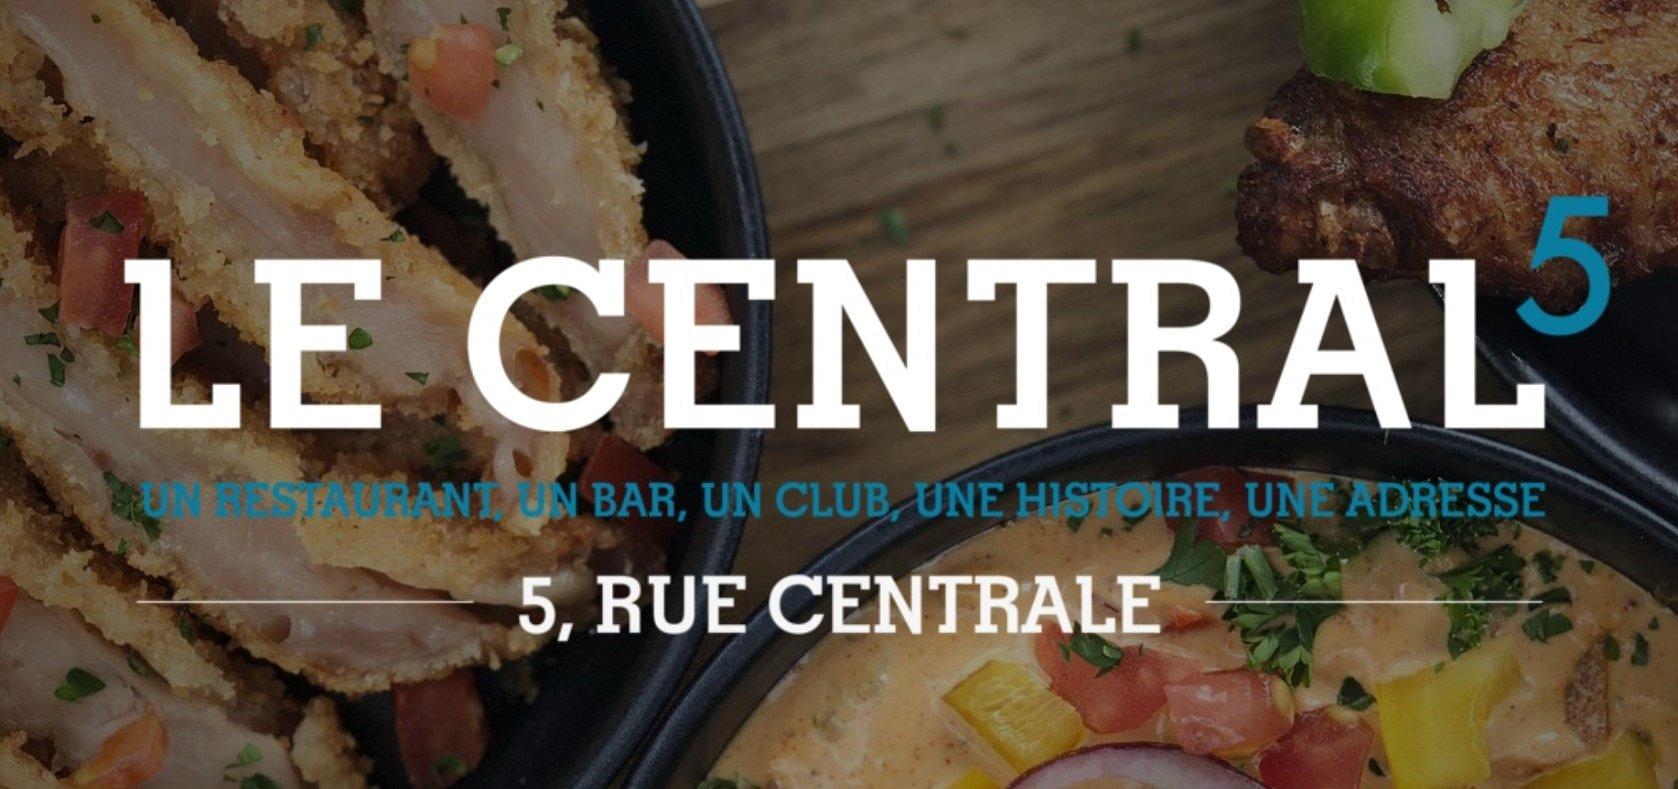 Le Central Lausanne